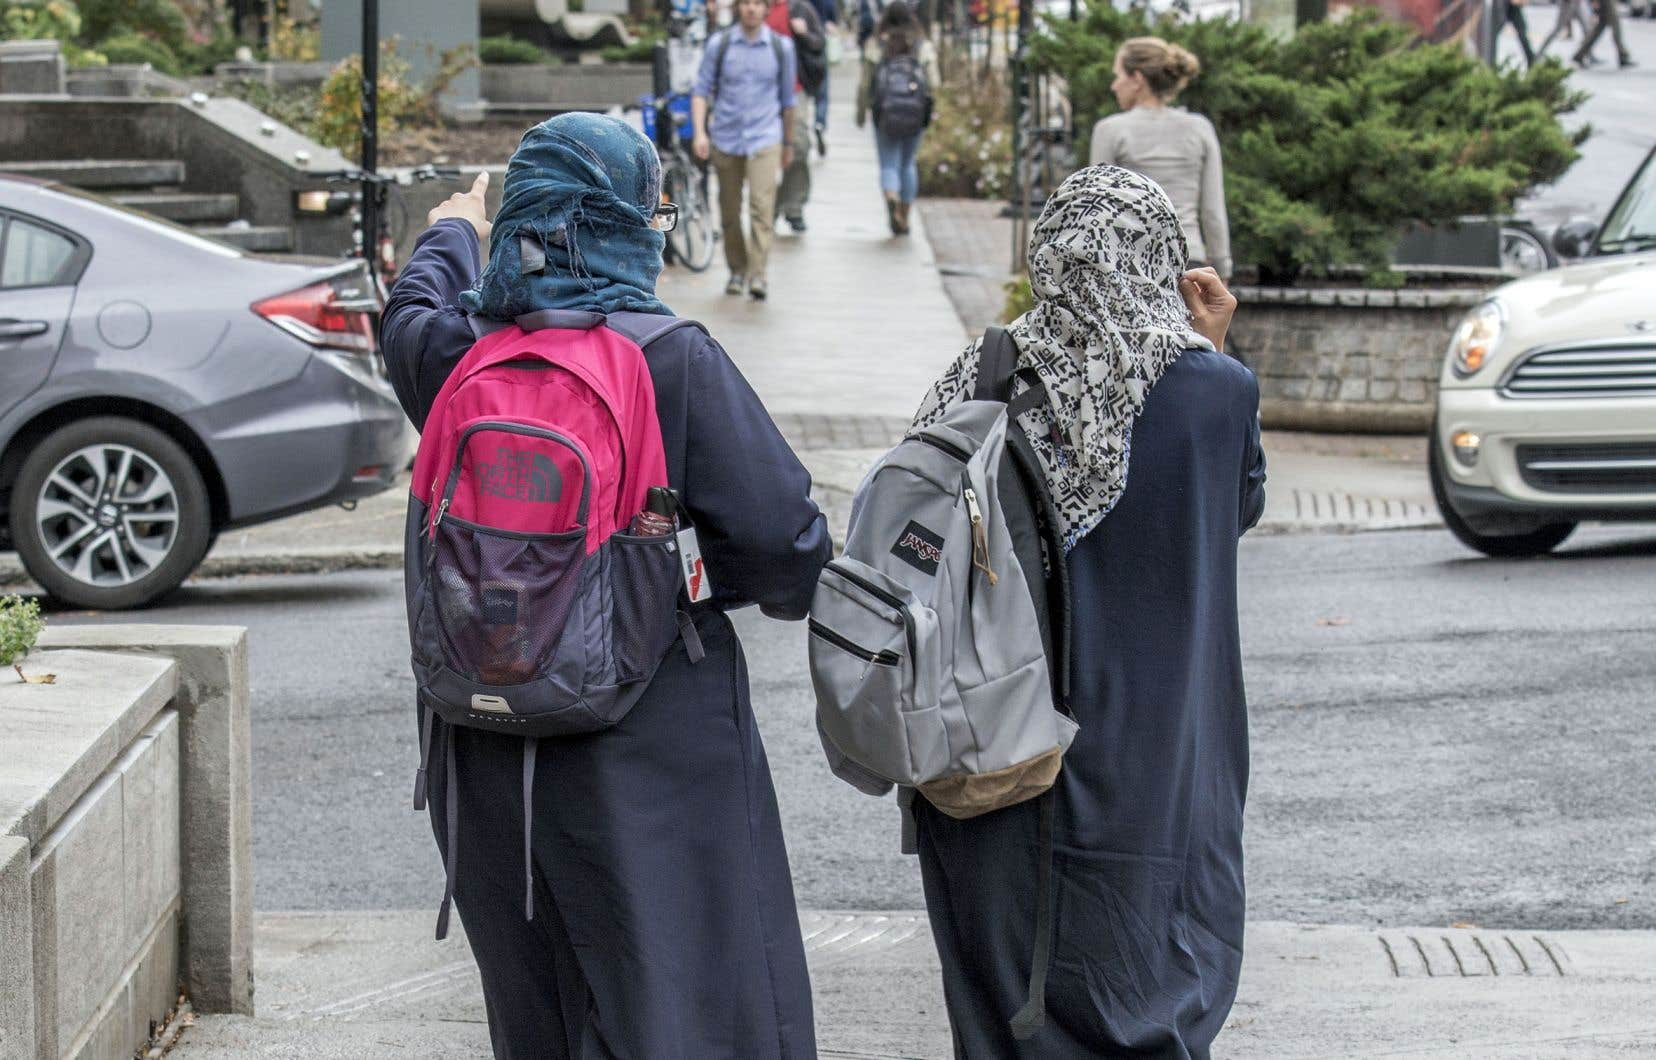 La journée s'est déroulée sous le signe de la diversité, mercredi à Québec, avec l'adoption de la Loi sur la neutralité religieuse et la refonte de la consultation sur le racisme systémique.